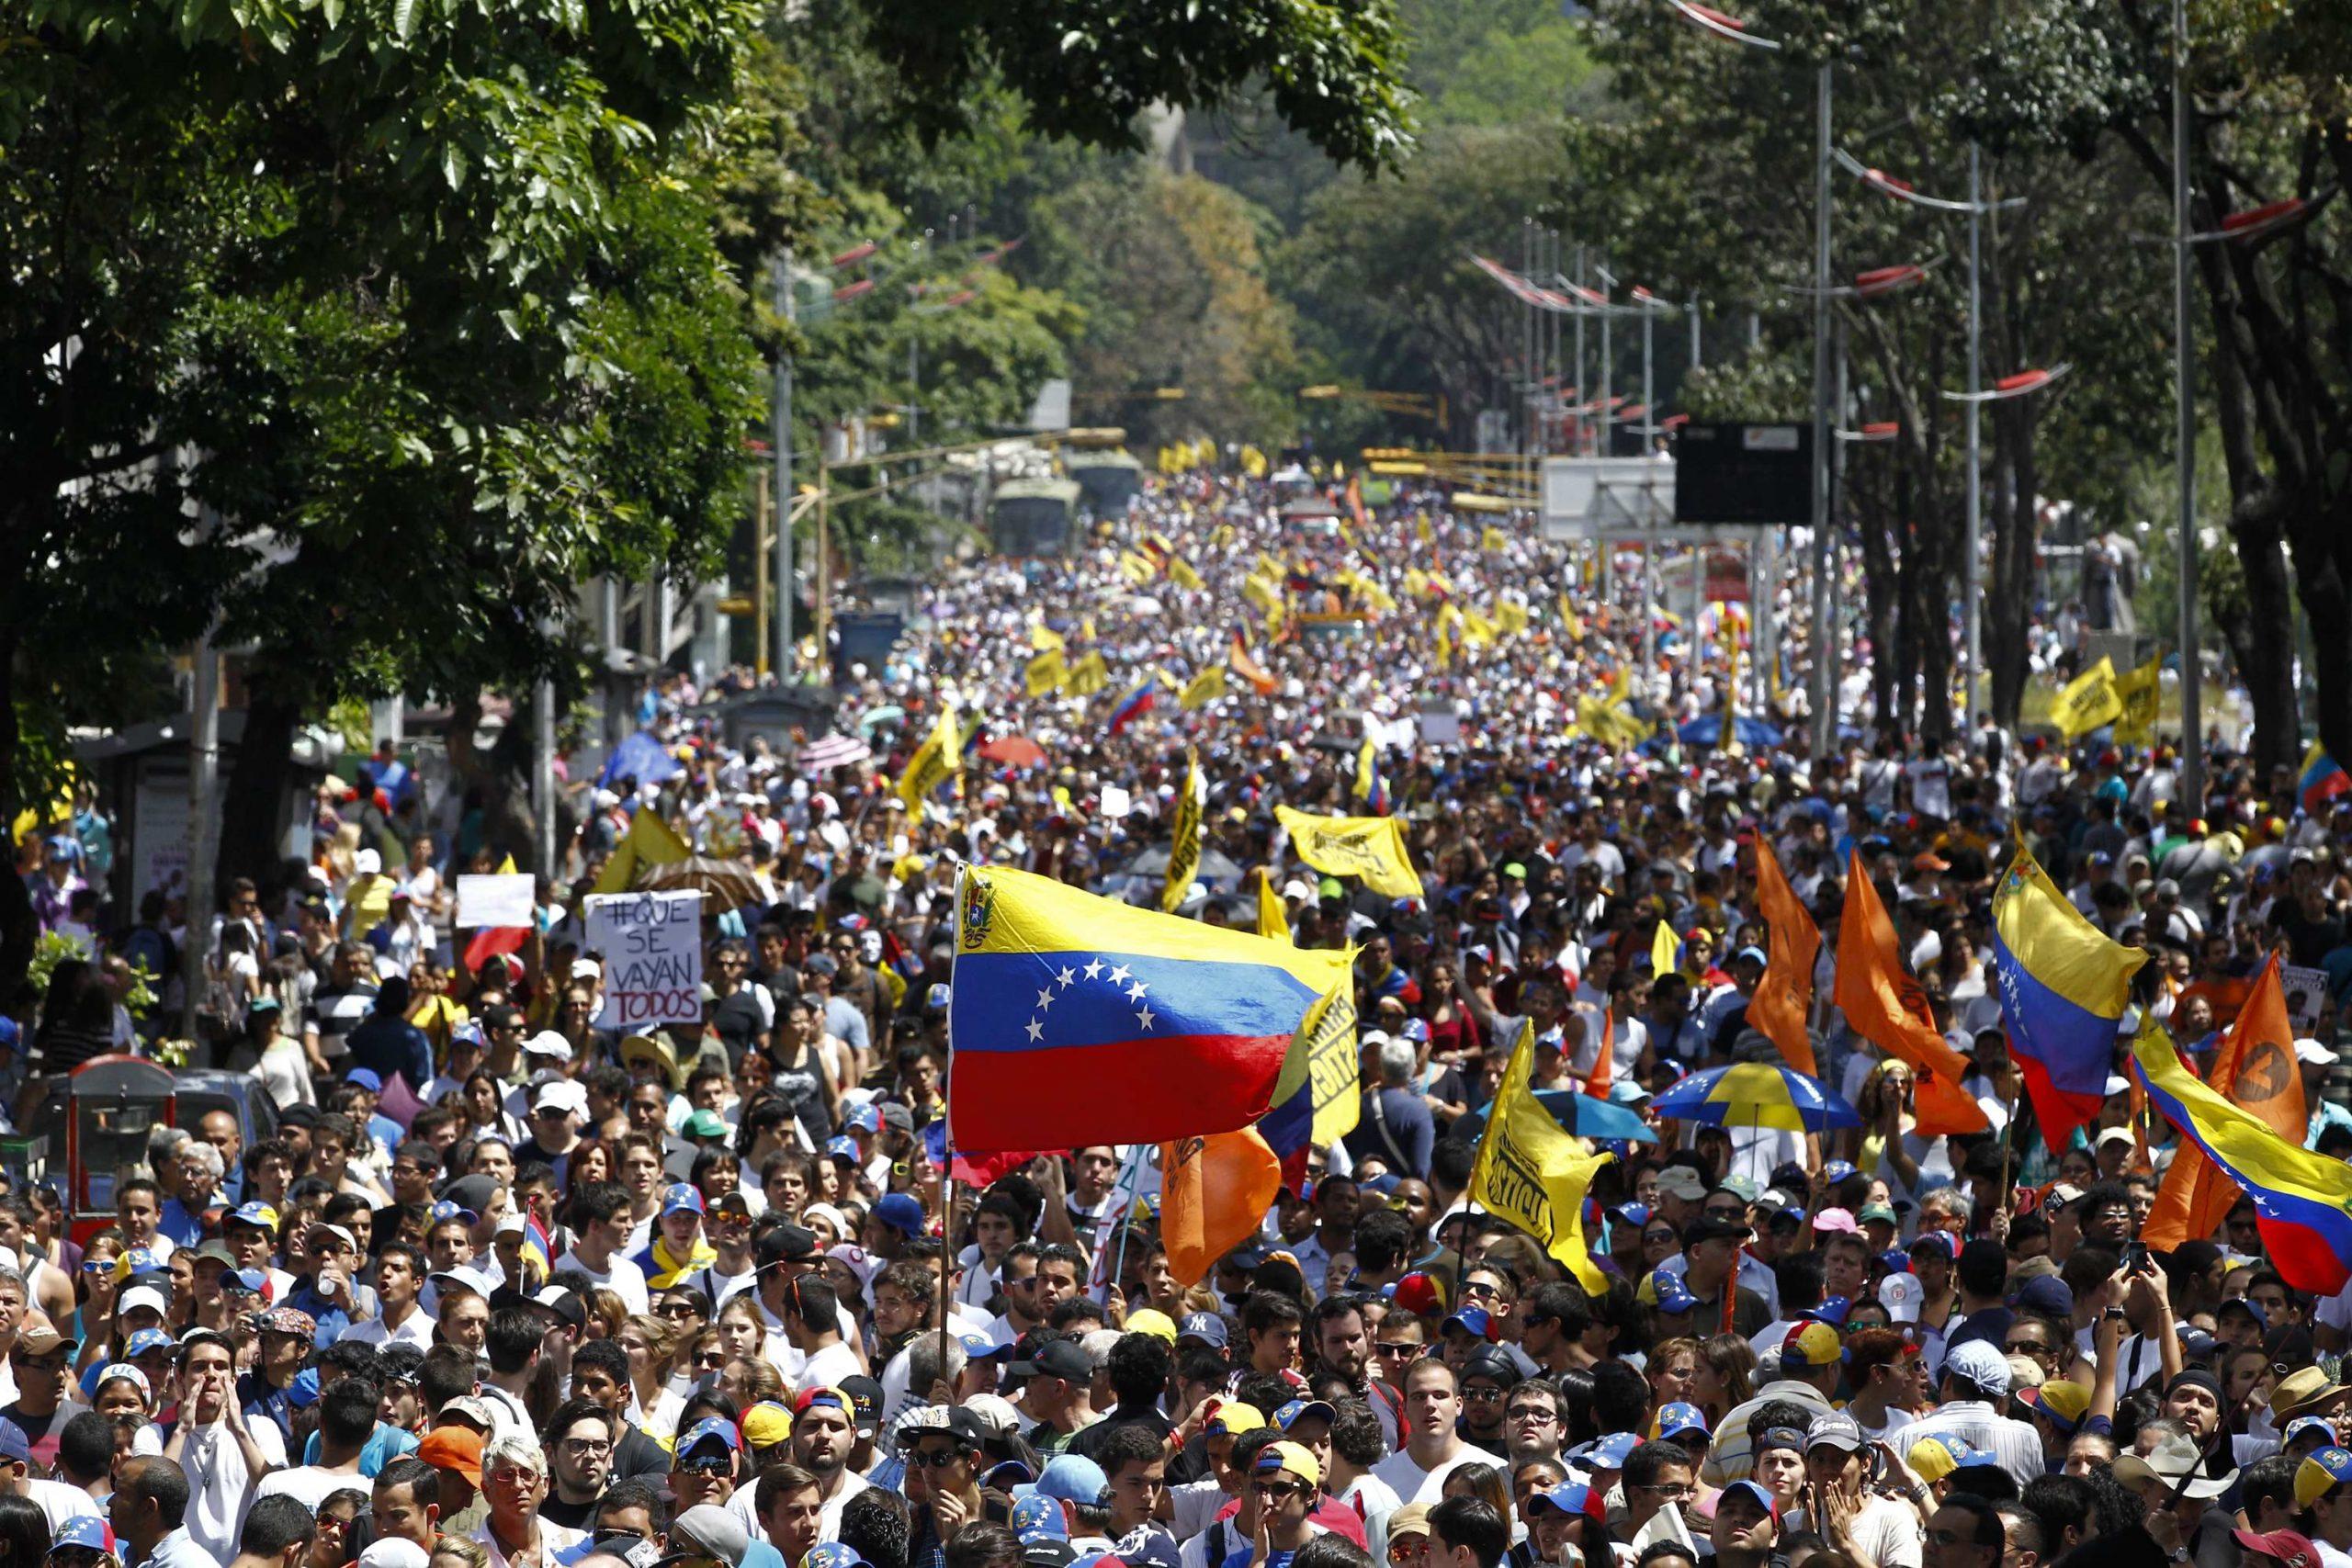 سيناريوهات عدة تنتظر فنزويلا: انتخابات أو حرب أهلية أو غزو أميركي